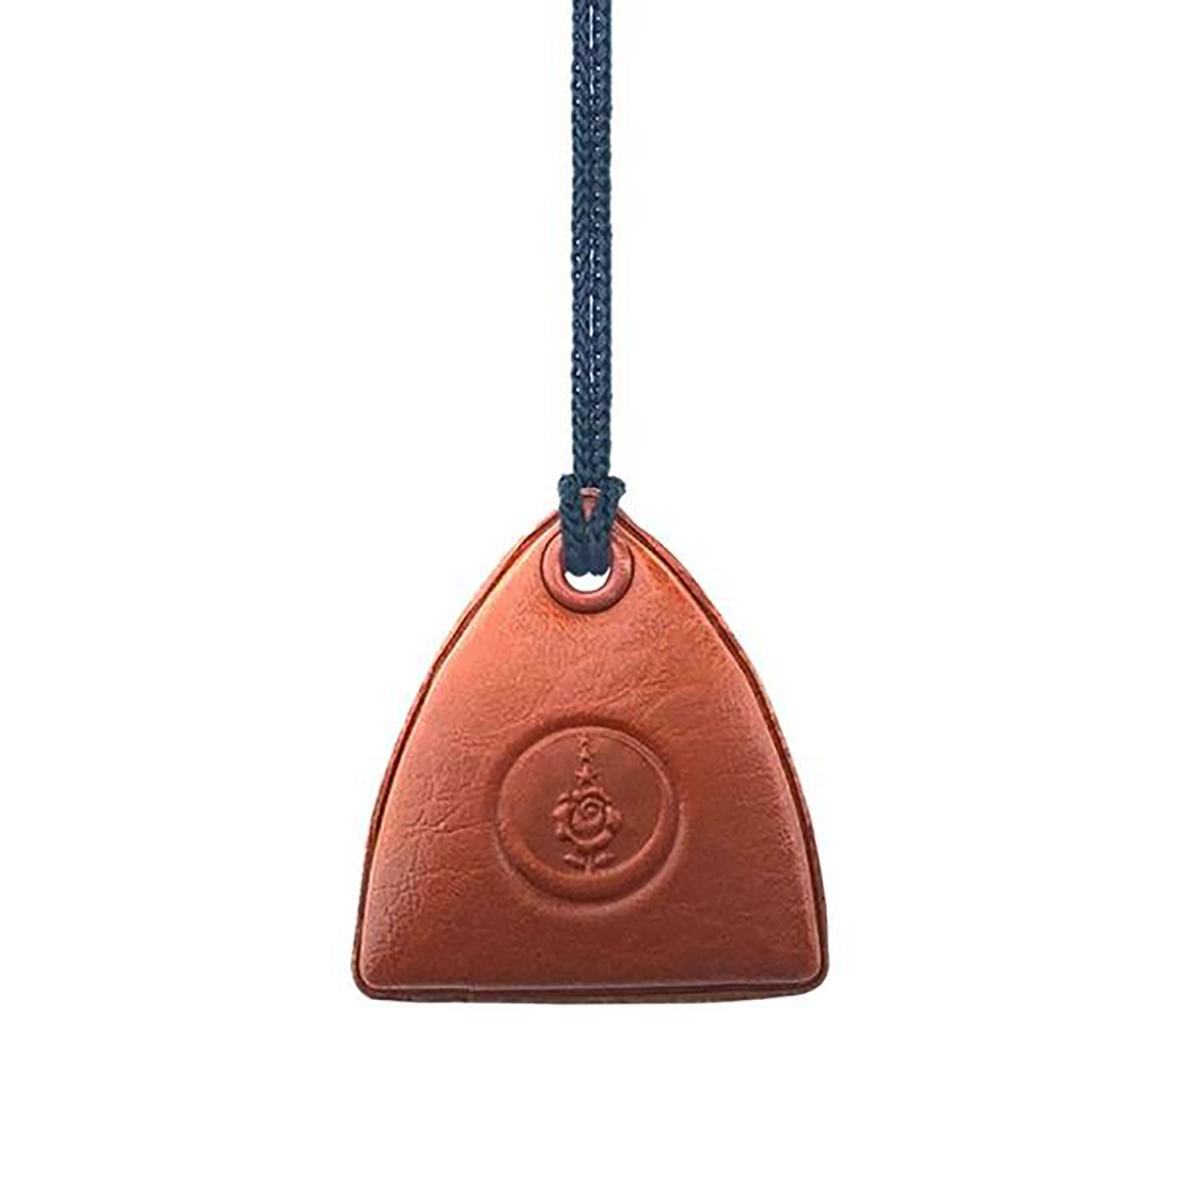 Halsband Cevsen (Braun)